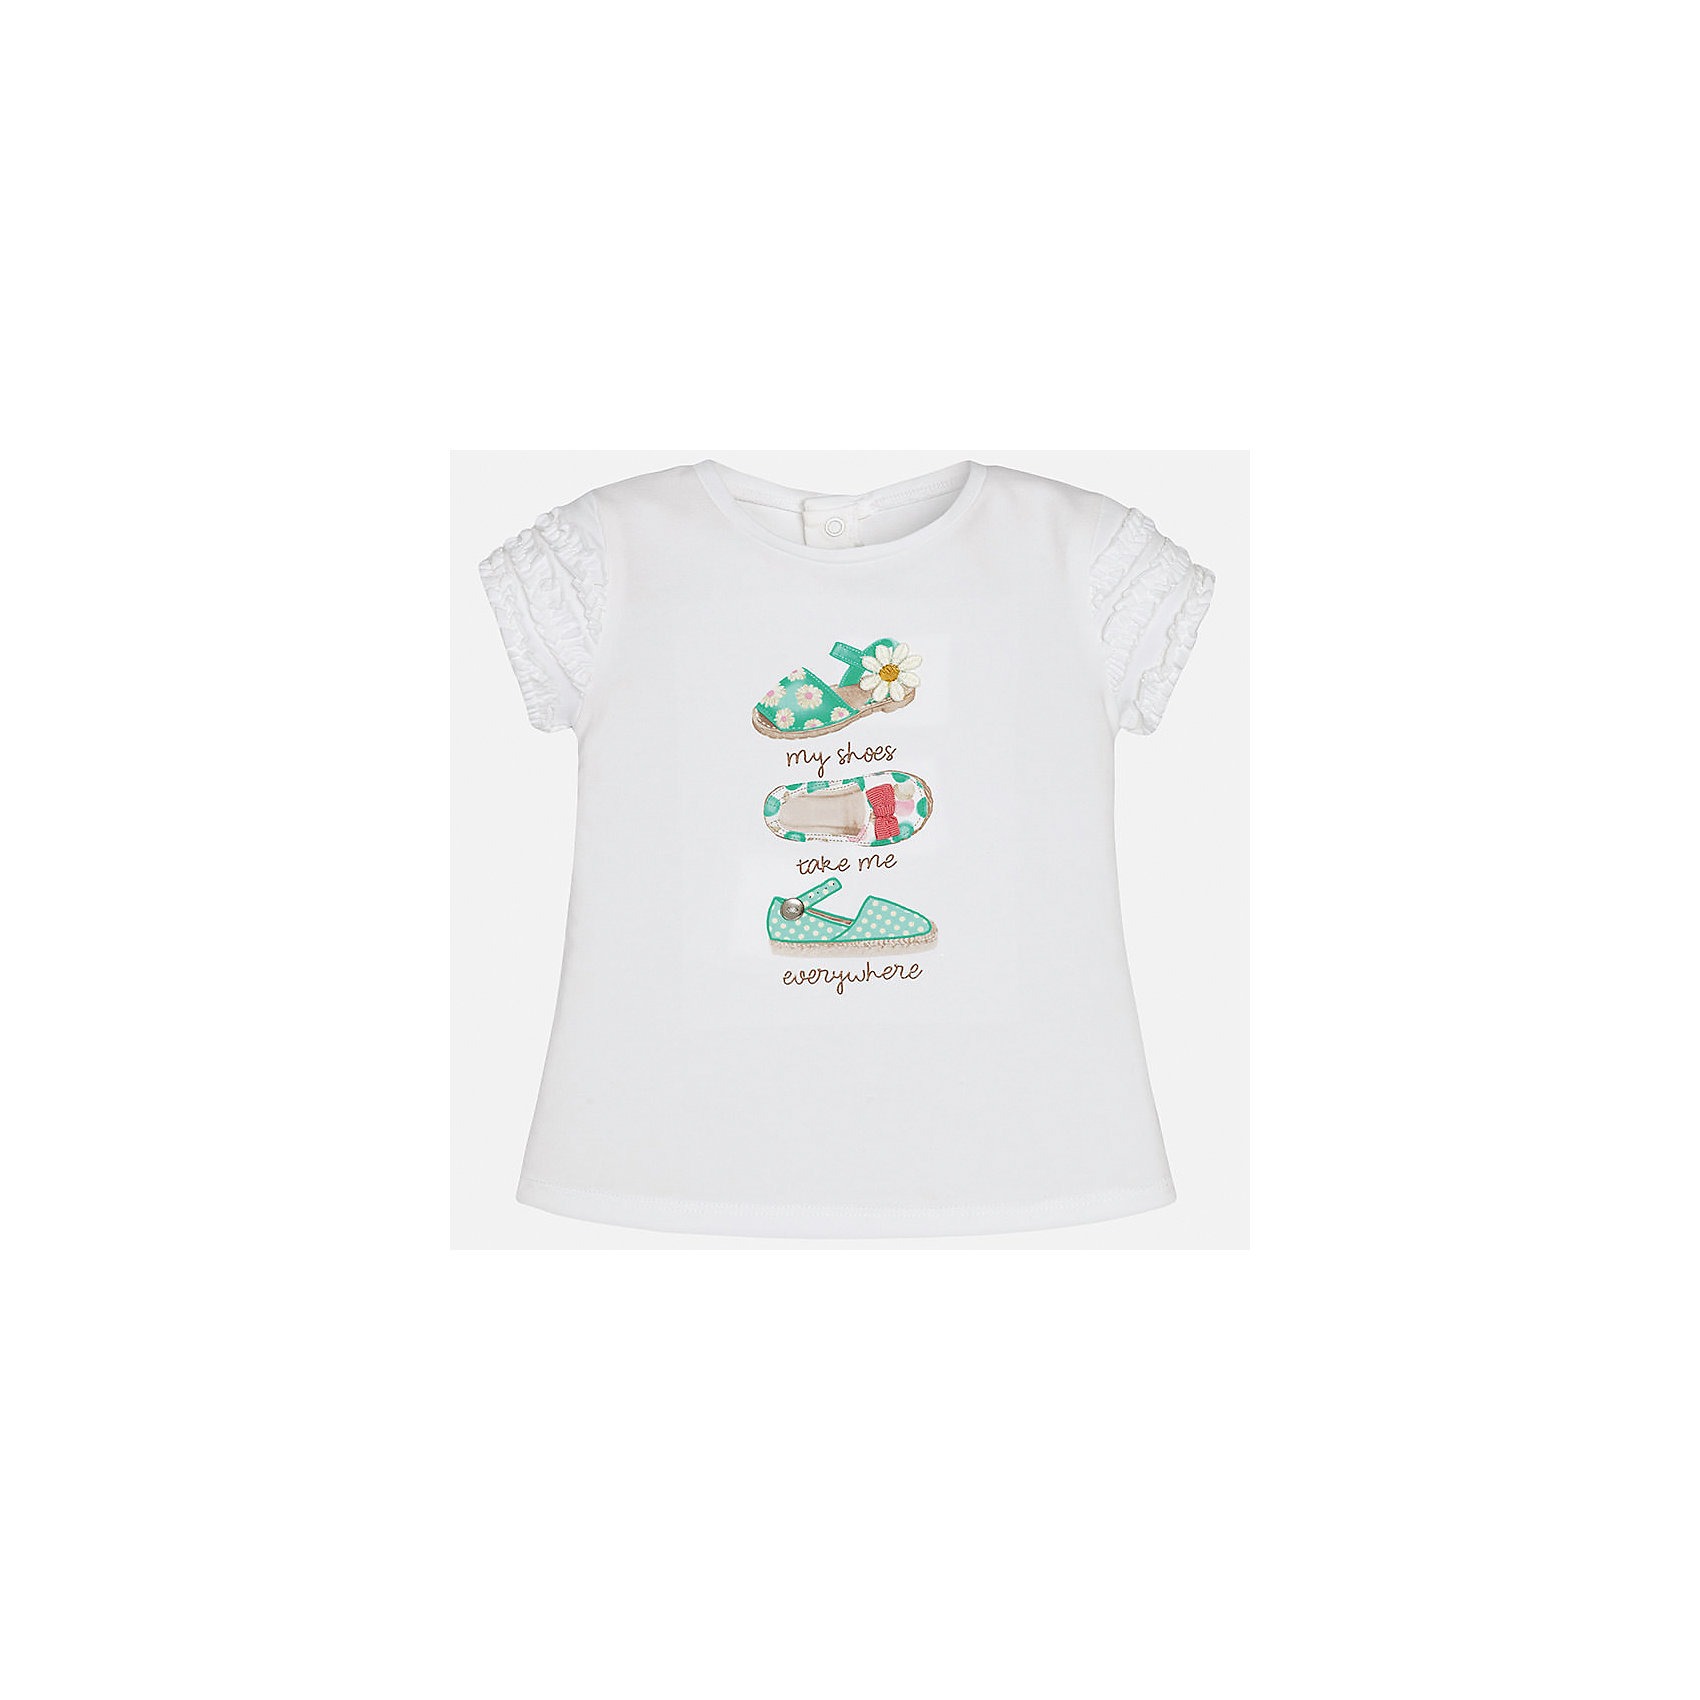 Футболка для девочки MayoralФутболки, топы<br>Характеристики товара:<br><br>• цвет: белый<br>• состав: 92% хлопок, 8% эластан<br>• оборки на рукавах<br>• сзади кнопки<br>• короткие рукава<br>• принт<br>• страна бренда: Испания<br><br>Стильная качественная футболка для девочки поможет разнообразить гардероб ребенка и украсить наряд. Она отлично сочетается и с юбками, и с шортами, и с брюками. Универсальный цвет позволяет подобрать к вещи низ практически любой расцветки. Интересная отделка модели делает её нарядной и оригинальной. В составе ткани преобладает натуральный хлопок, гипоаллергенный, приятный на ощупь, дышащий.<br><br>Одежда, обувь и аксессуары от испанского бренда Mayoral полюбились детям и взрослым по всему миру. Модели этой марки - стильные и удобные. Для их производства используются только безопасные, качественные материалы и фурнитура. Порадуйте ребенка модными и красивыми вещами от Mayoral! <br><br>Футболку для девочки от испанского бренда Mayoral (Майорал) можно купить в нашем интернет-магазине.<br><br>Ширина мм: 199<br>Глубина мм: 10<br>Высота мм: 161<br>Вес г: 151<br>Цвет: зеленый<br>Возраст от месяцев: 6<br>Возраст до месяцев: 9<br>Пол: Женский<br>Возраст: Детский<br>Размер: 74,92,86,80<br>SKU: 5288786